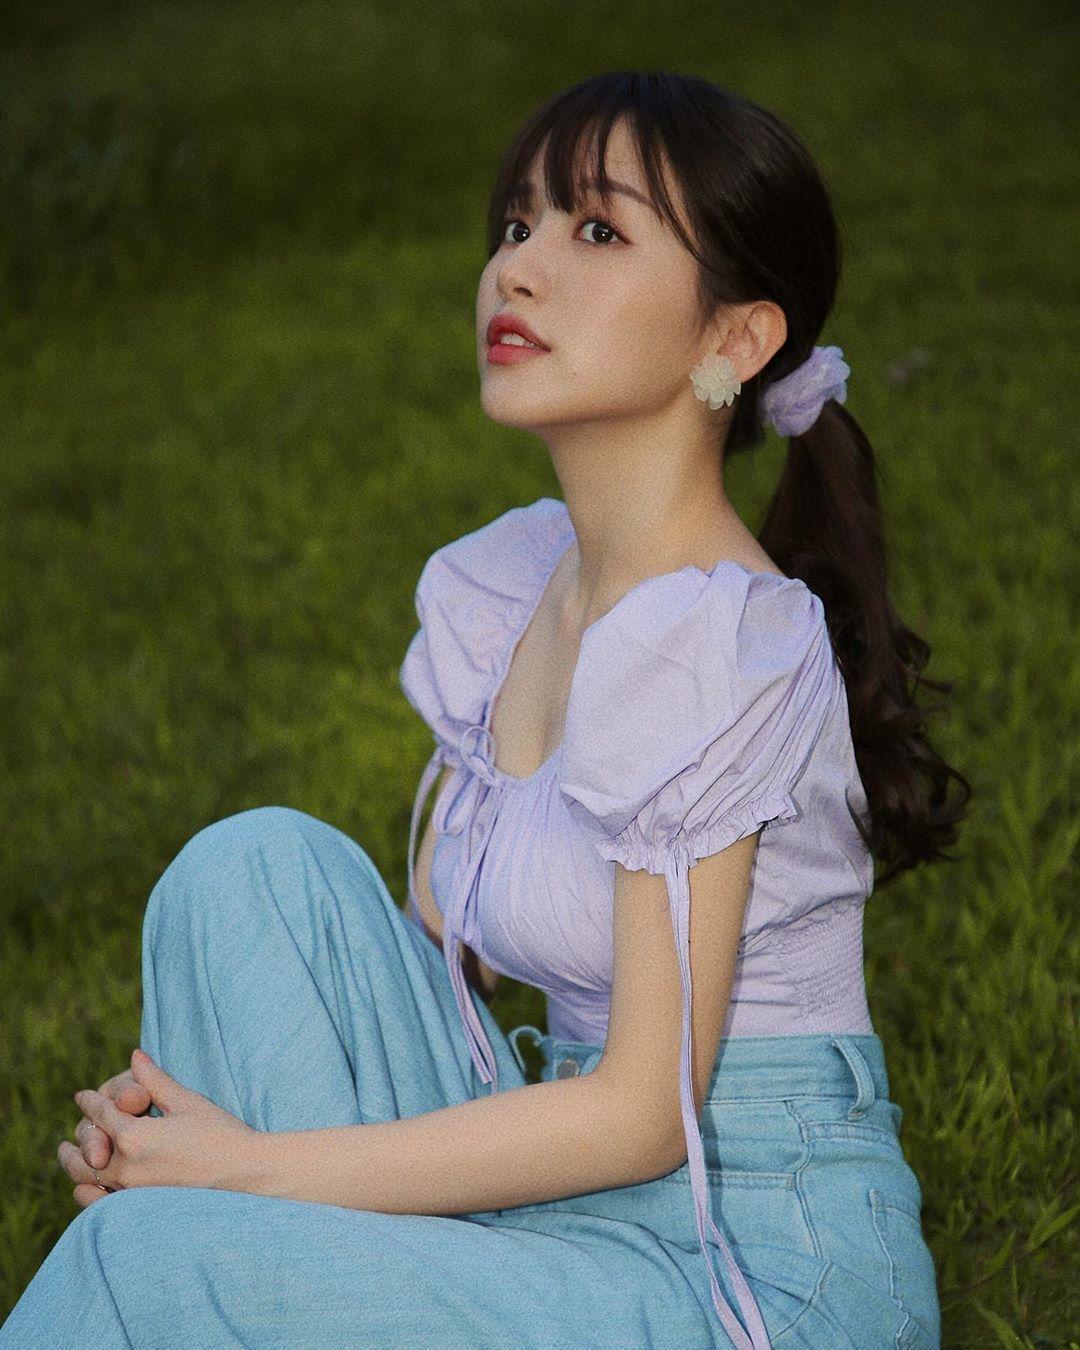 北一女神蔡瑞雪「火辣马甲线」太迷人!甜美公主也有火辣一面,网友直呼:那个腰!-新图包